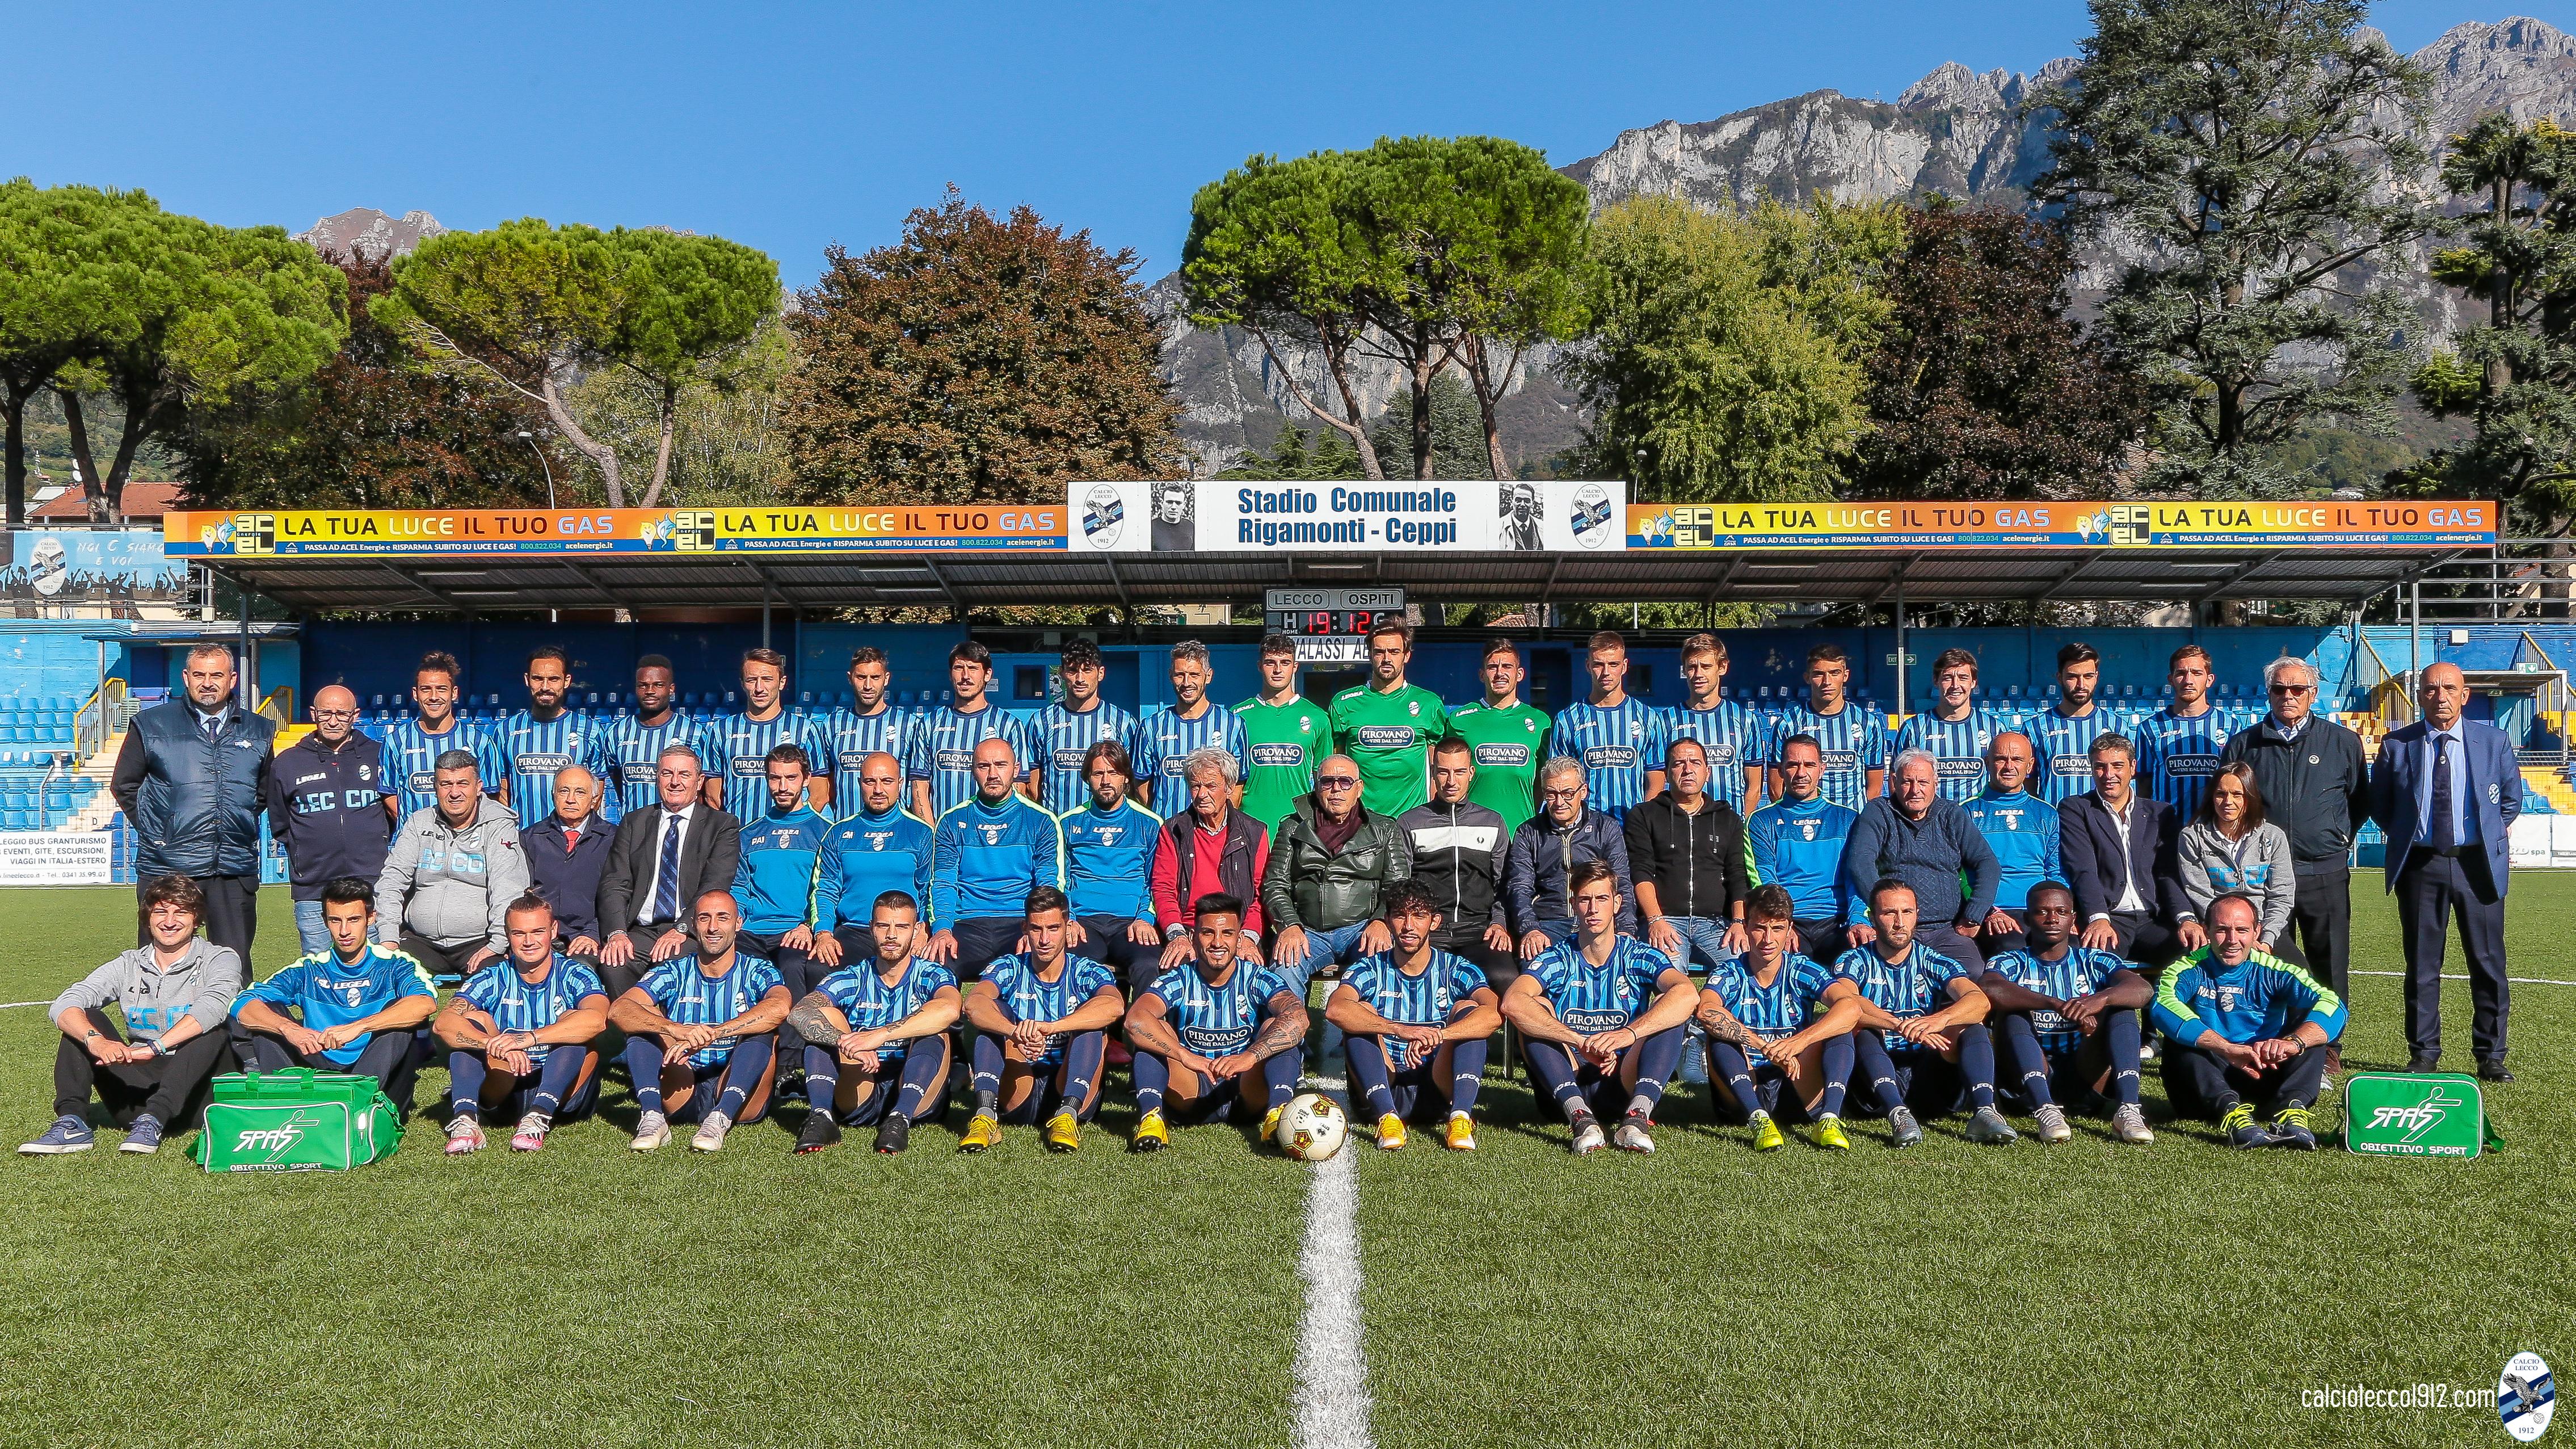 Calcio Lecco 1912